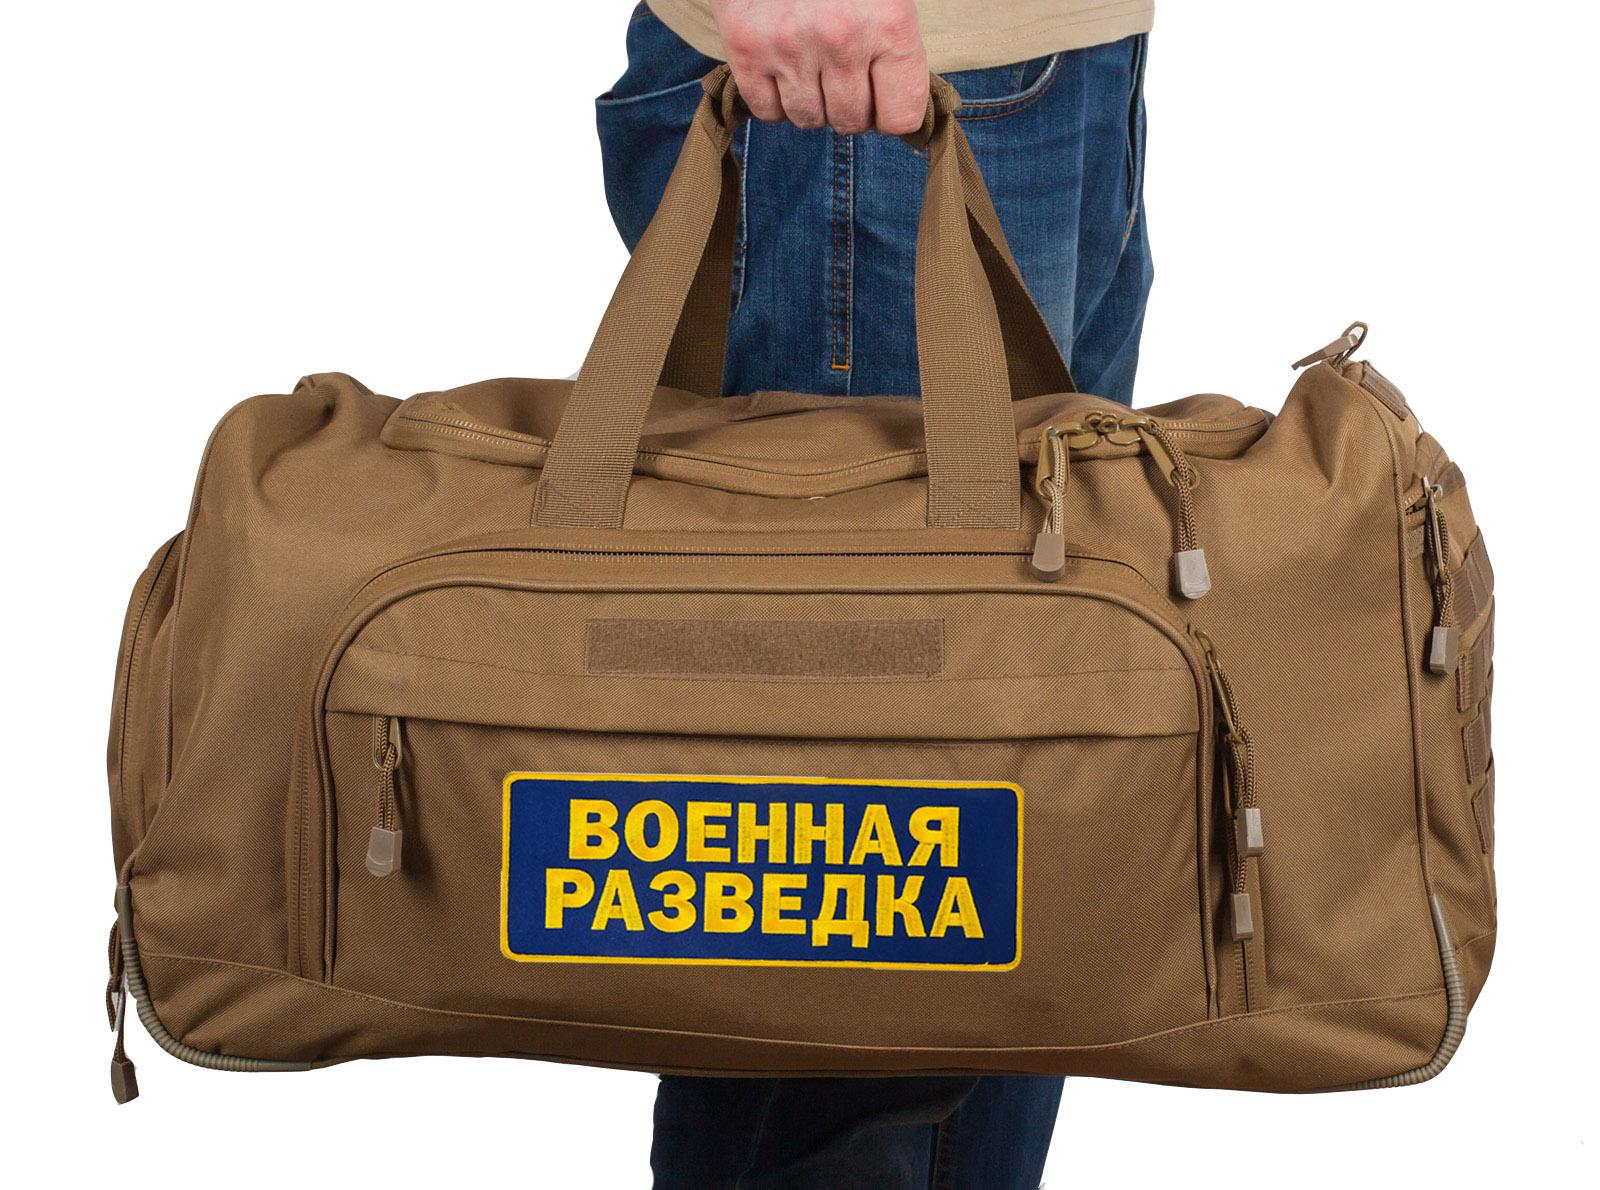 Тактическая сумка разведчика в камуфляжном паттерне хаки песок